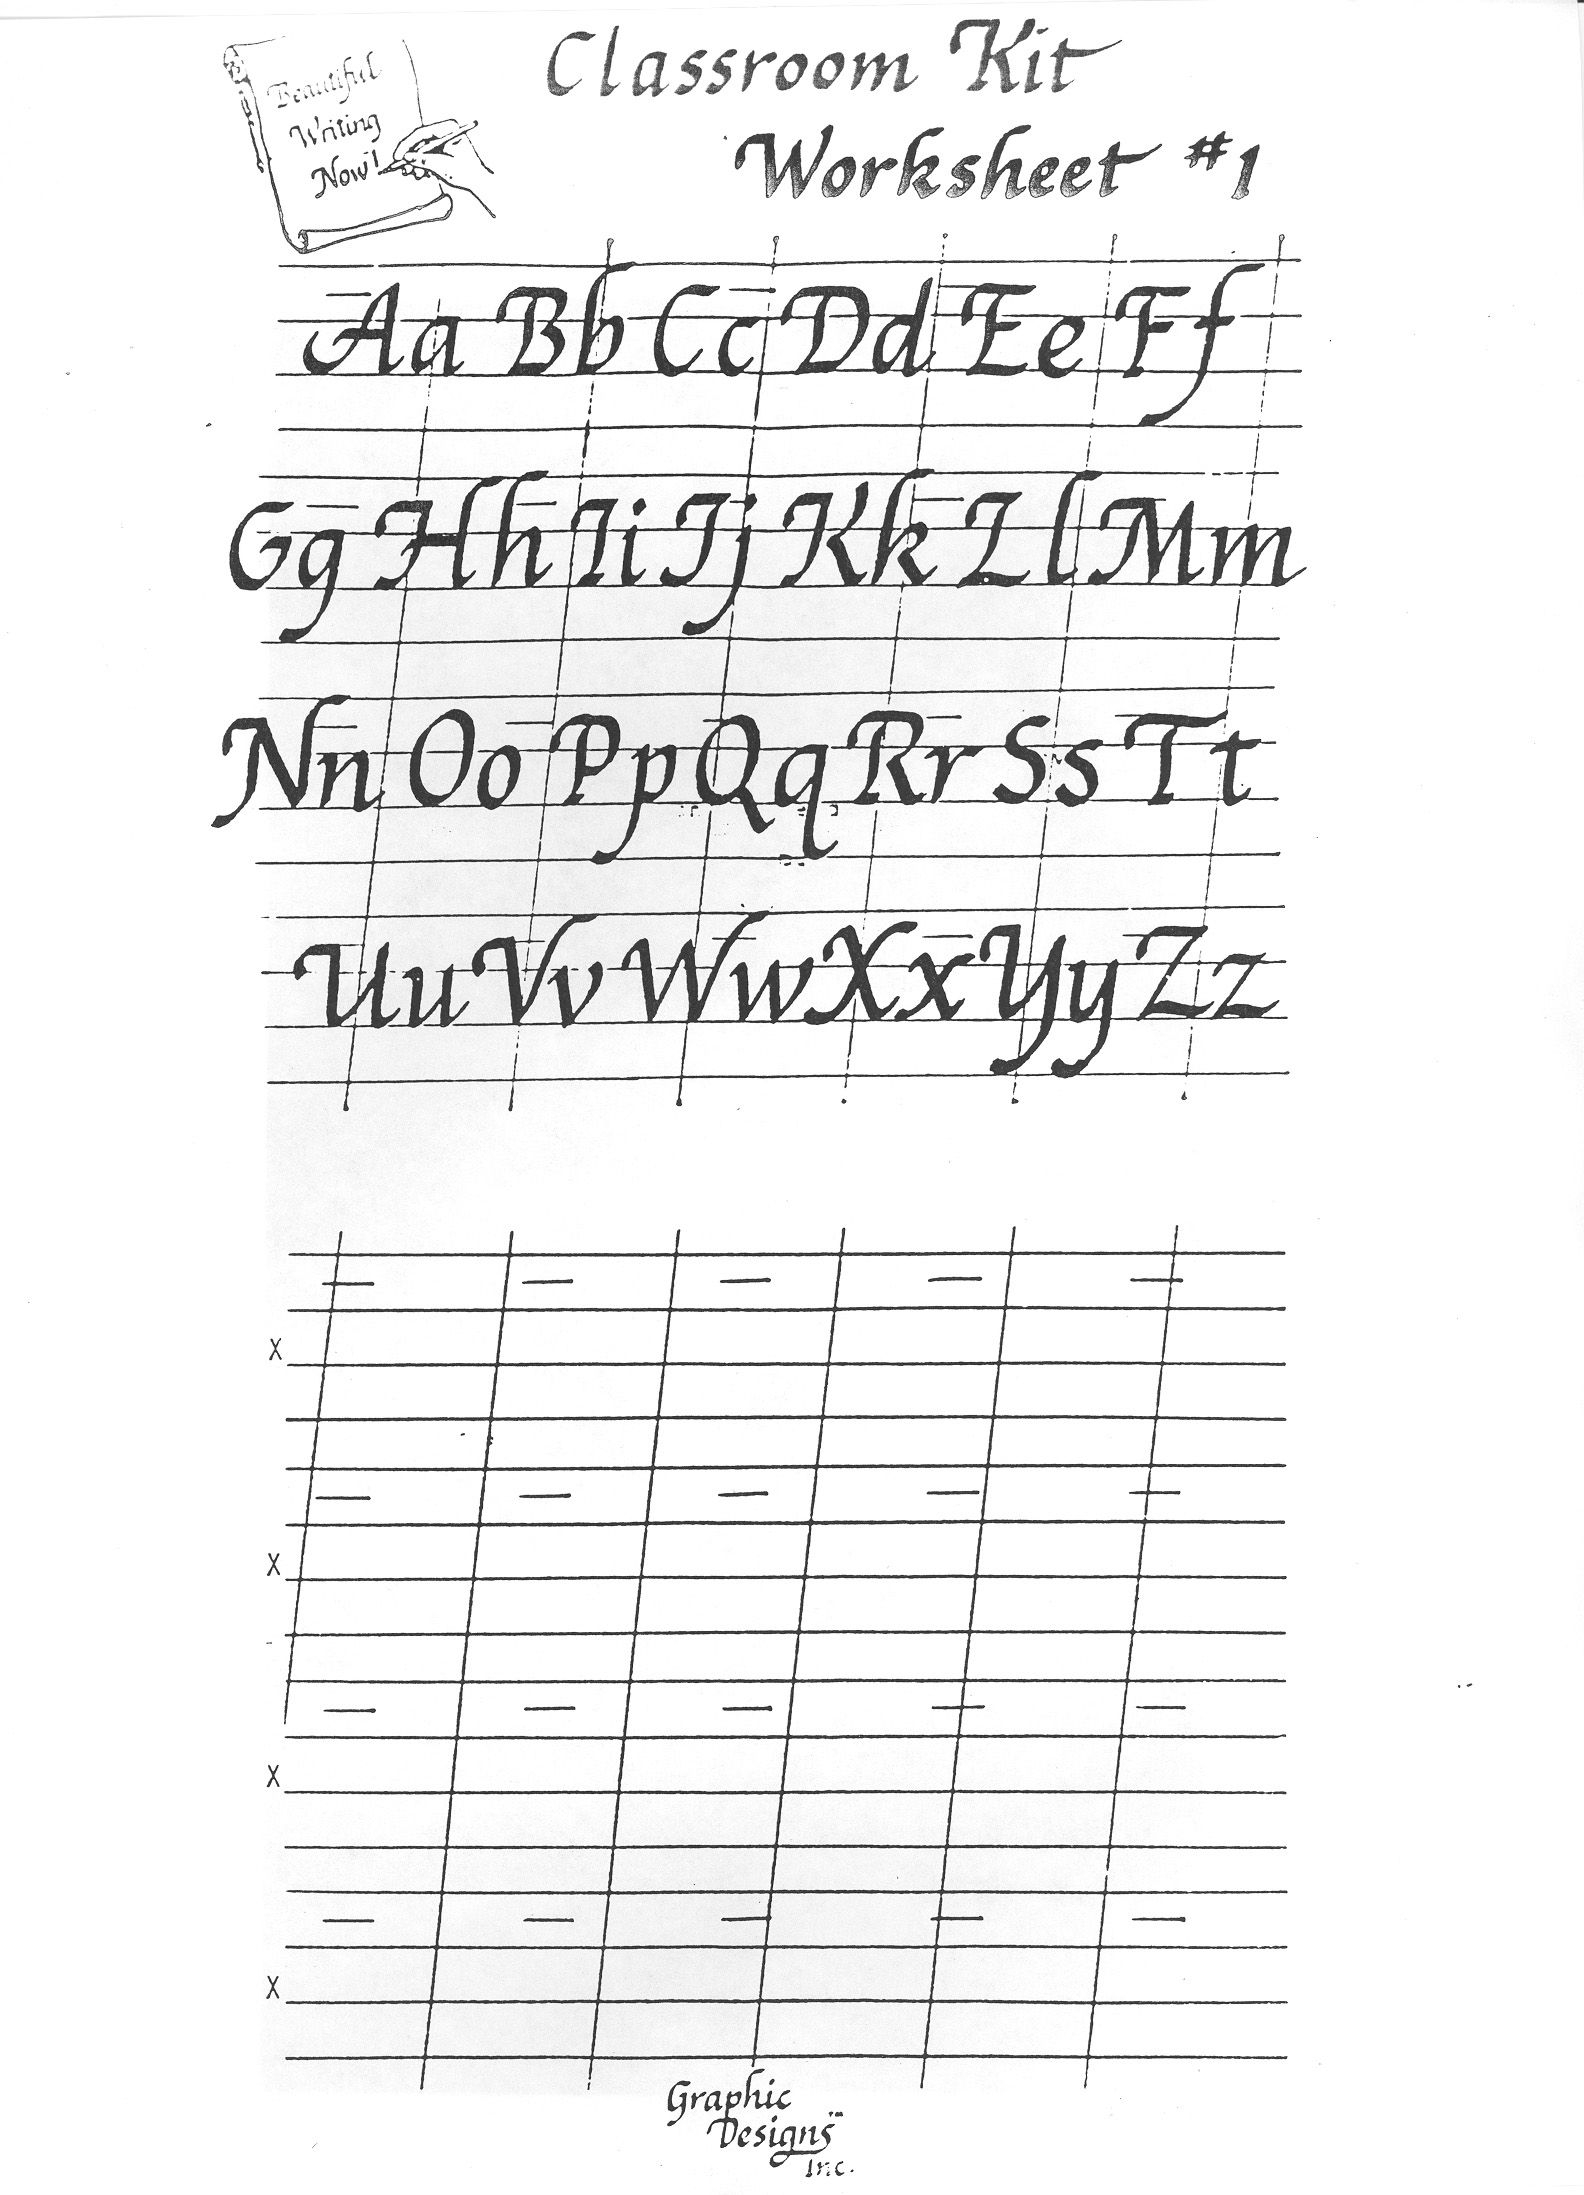 Free Printable Calligraphy Alphabet Practice Sheets | Scrapbooking - Calligraphy Practice Sheets Printable Free